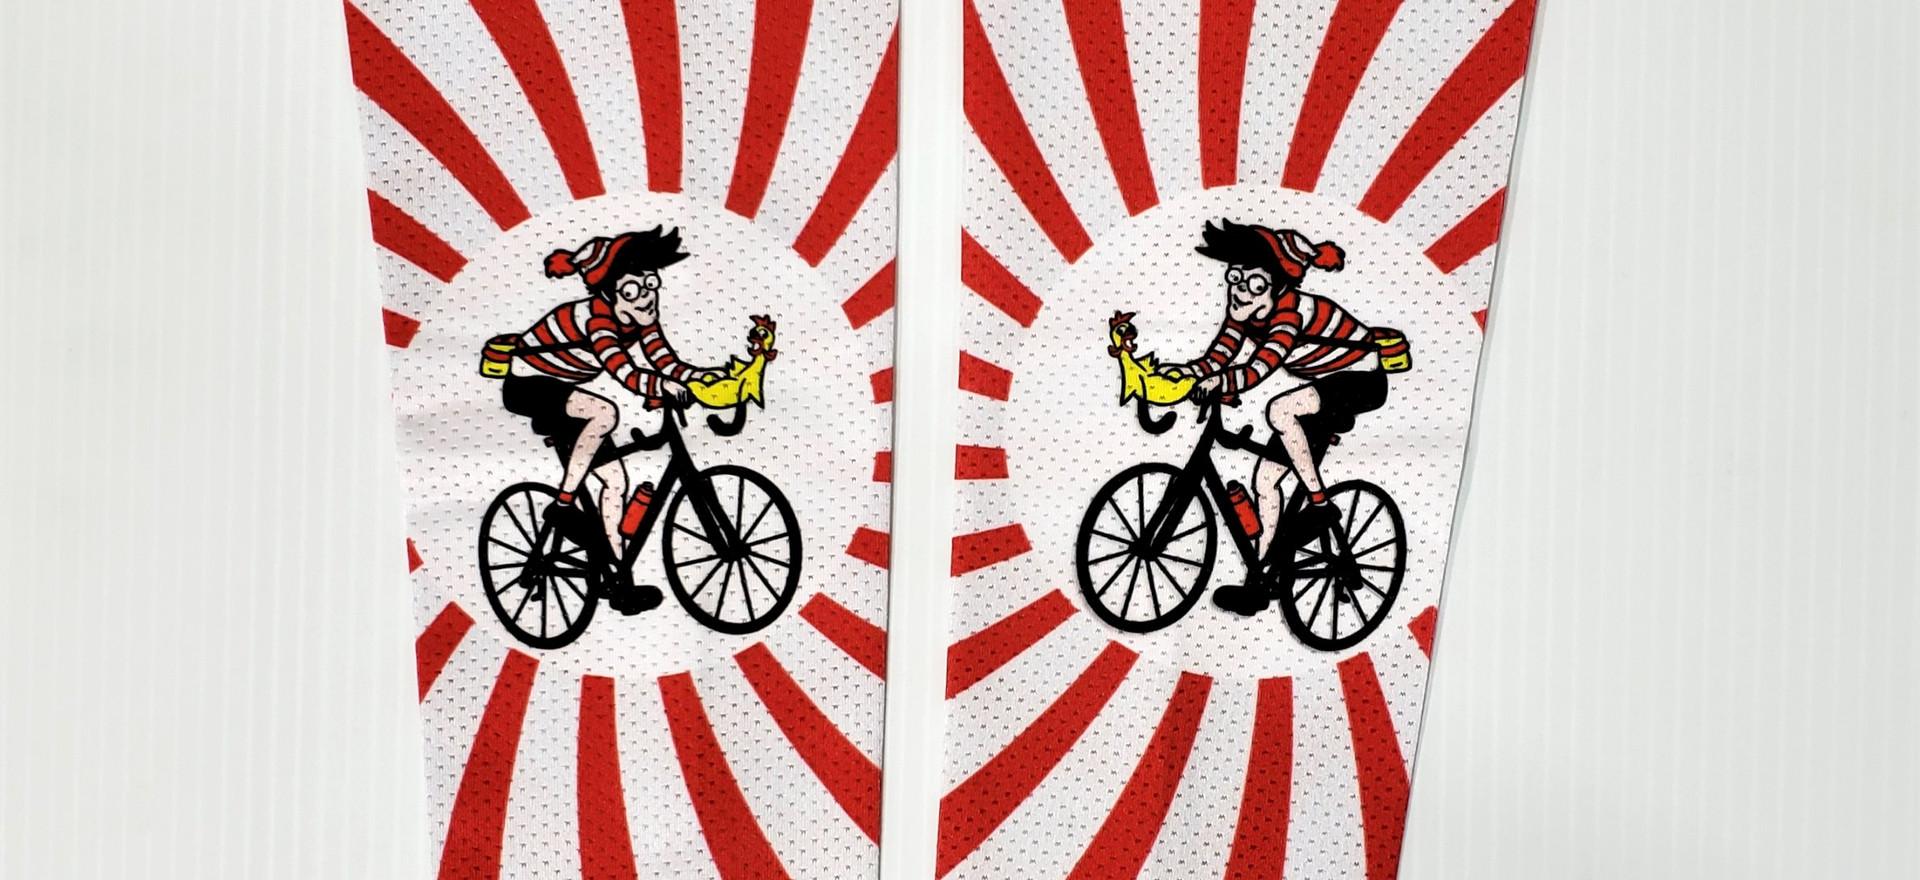 RAGBRAI | Custom arm coolers |Custom UV performance sleeves | UV performance sleeves | Custom Sun Sleeves | Custom Cycling Arm Warmers | Custom Arm Warmers | Arm Warmers | Custom cycling sleeves |